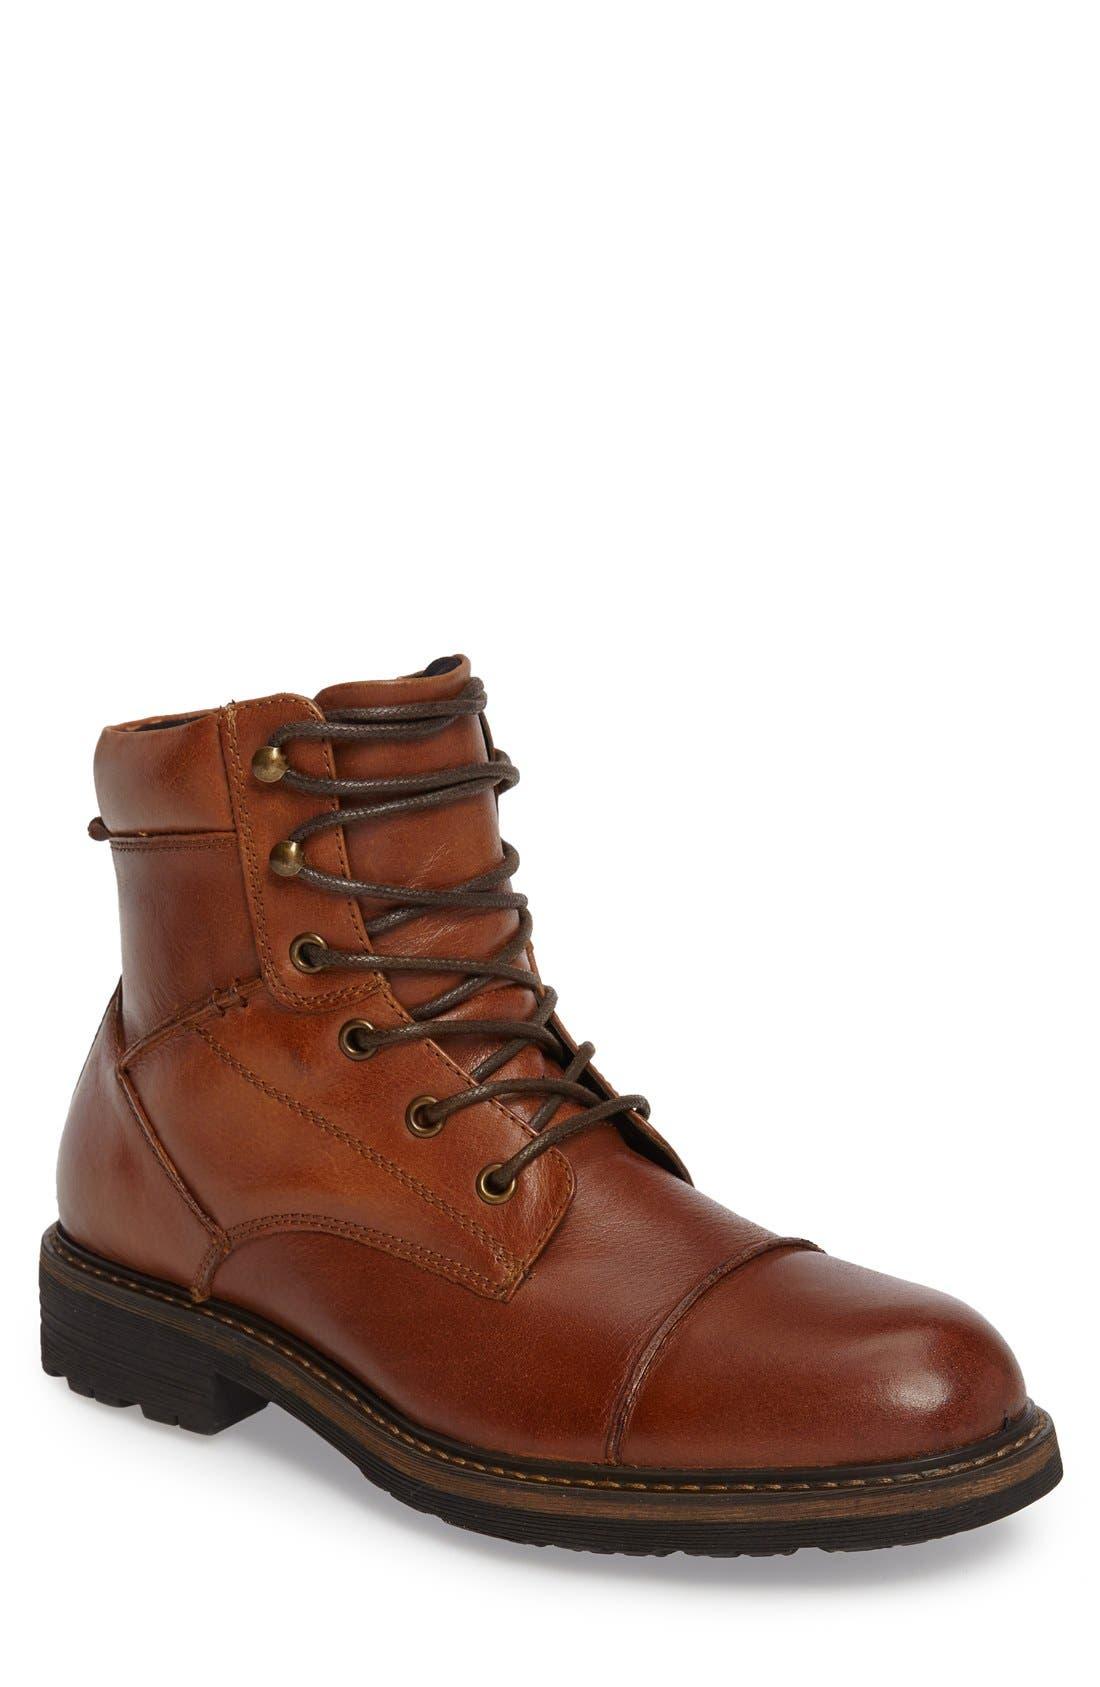 Alternate Image 1 Selected - The Rail Derek Cap Toe Boot (Men)